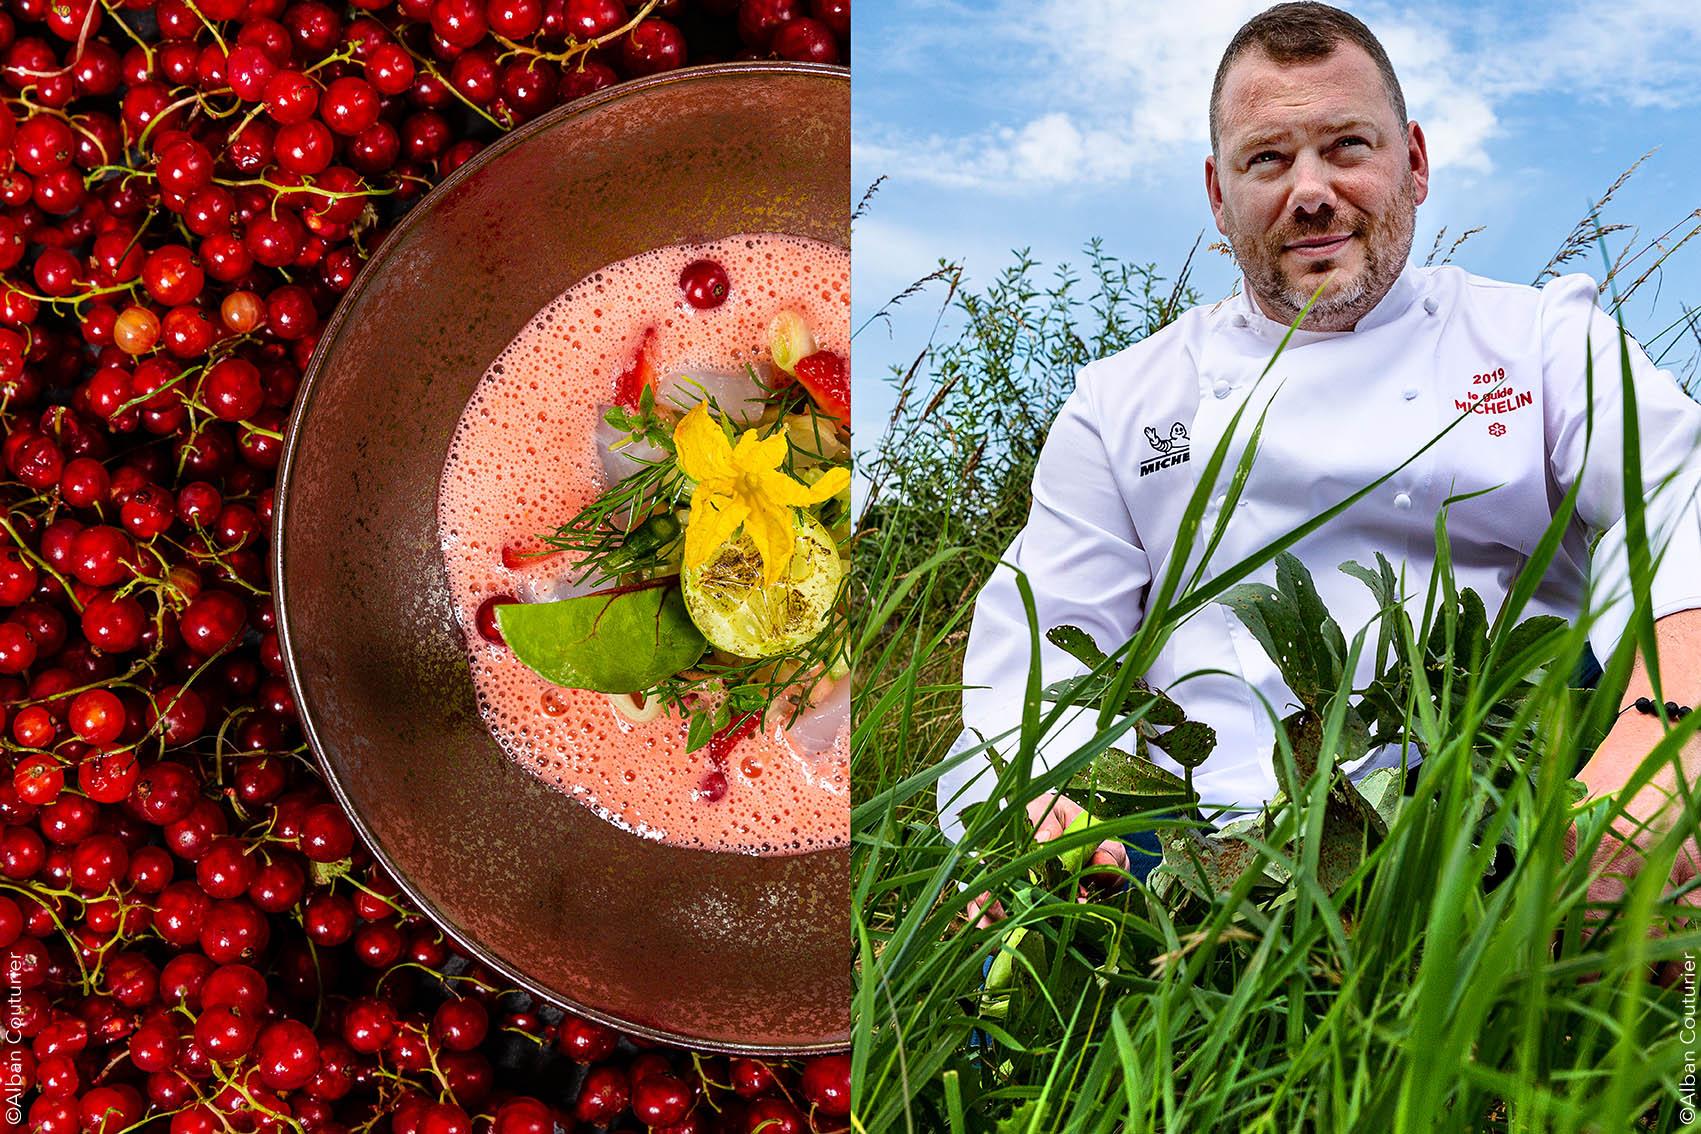 Portrait et recette, chef et ami  Gaetan Evrard, 1 etoile au guide Michelin, restaurant l Evidence, Montbazon. ©Alban Couturier